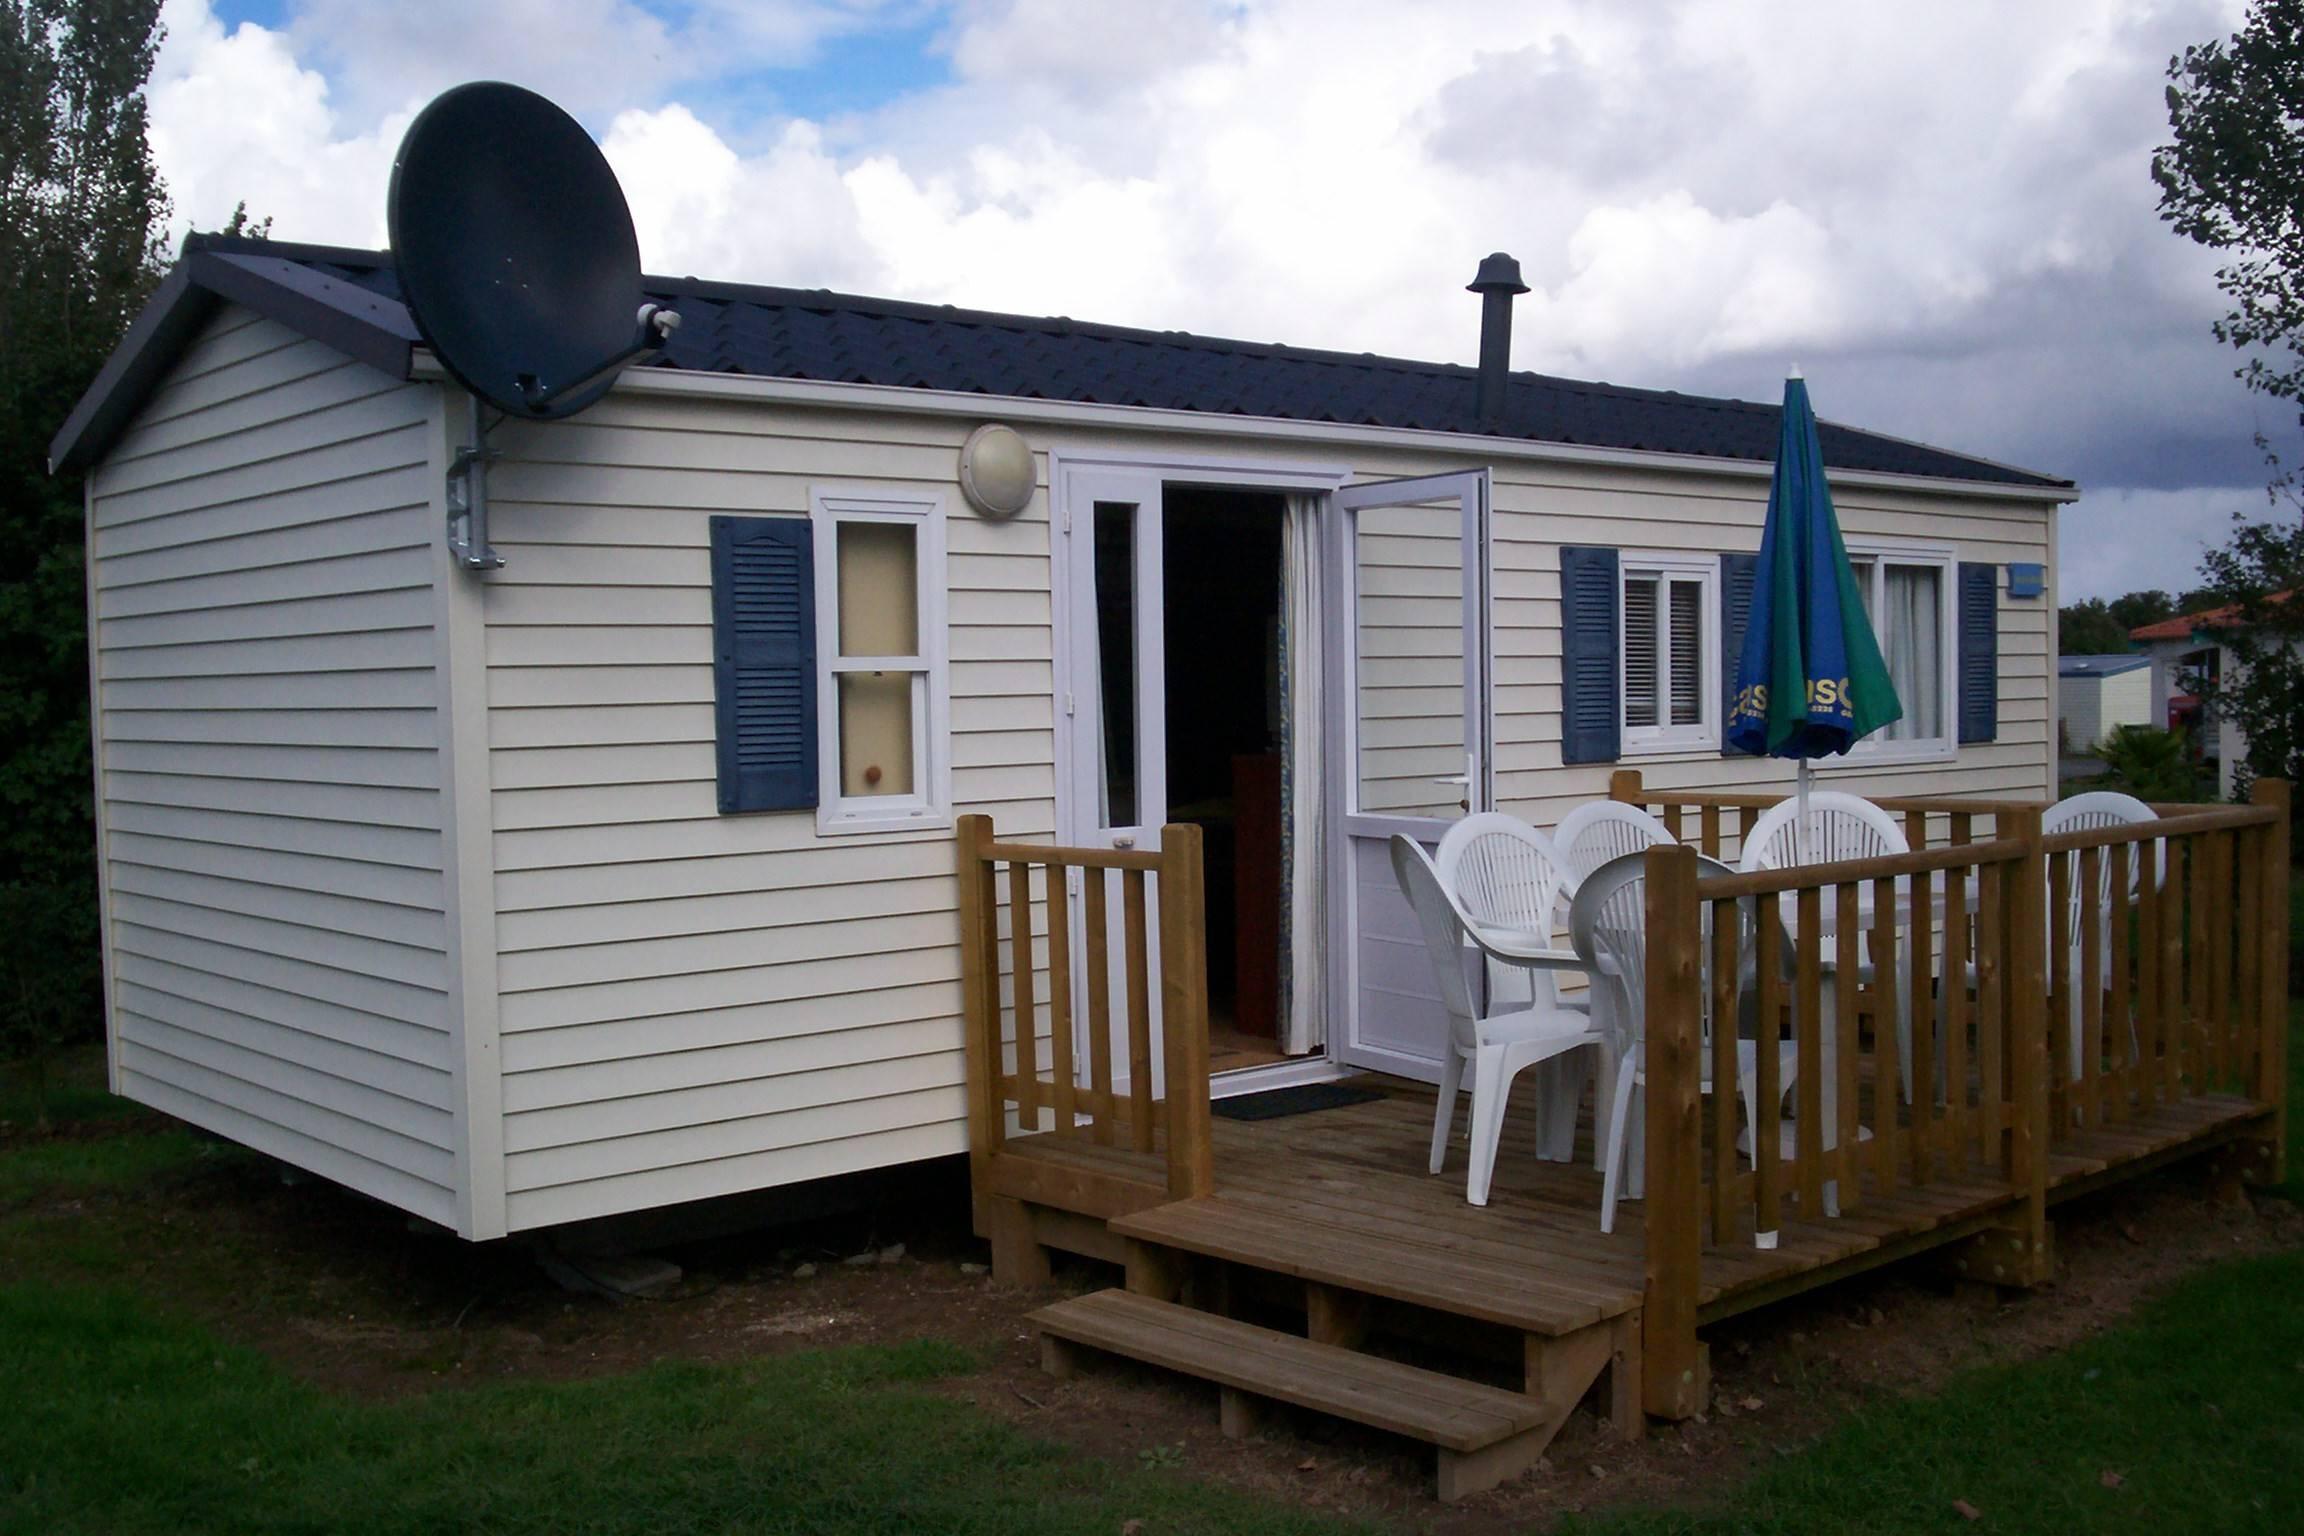 Dark Decks Porches Mobile Homes Afternoon Erins